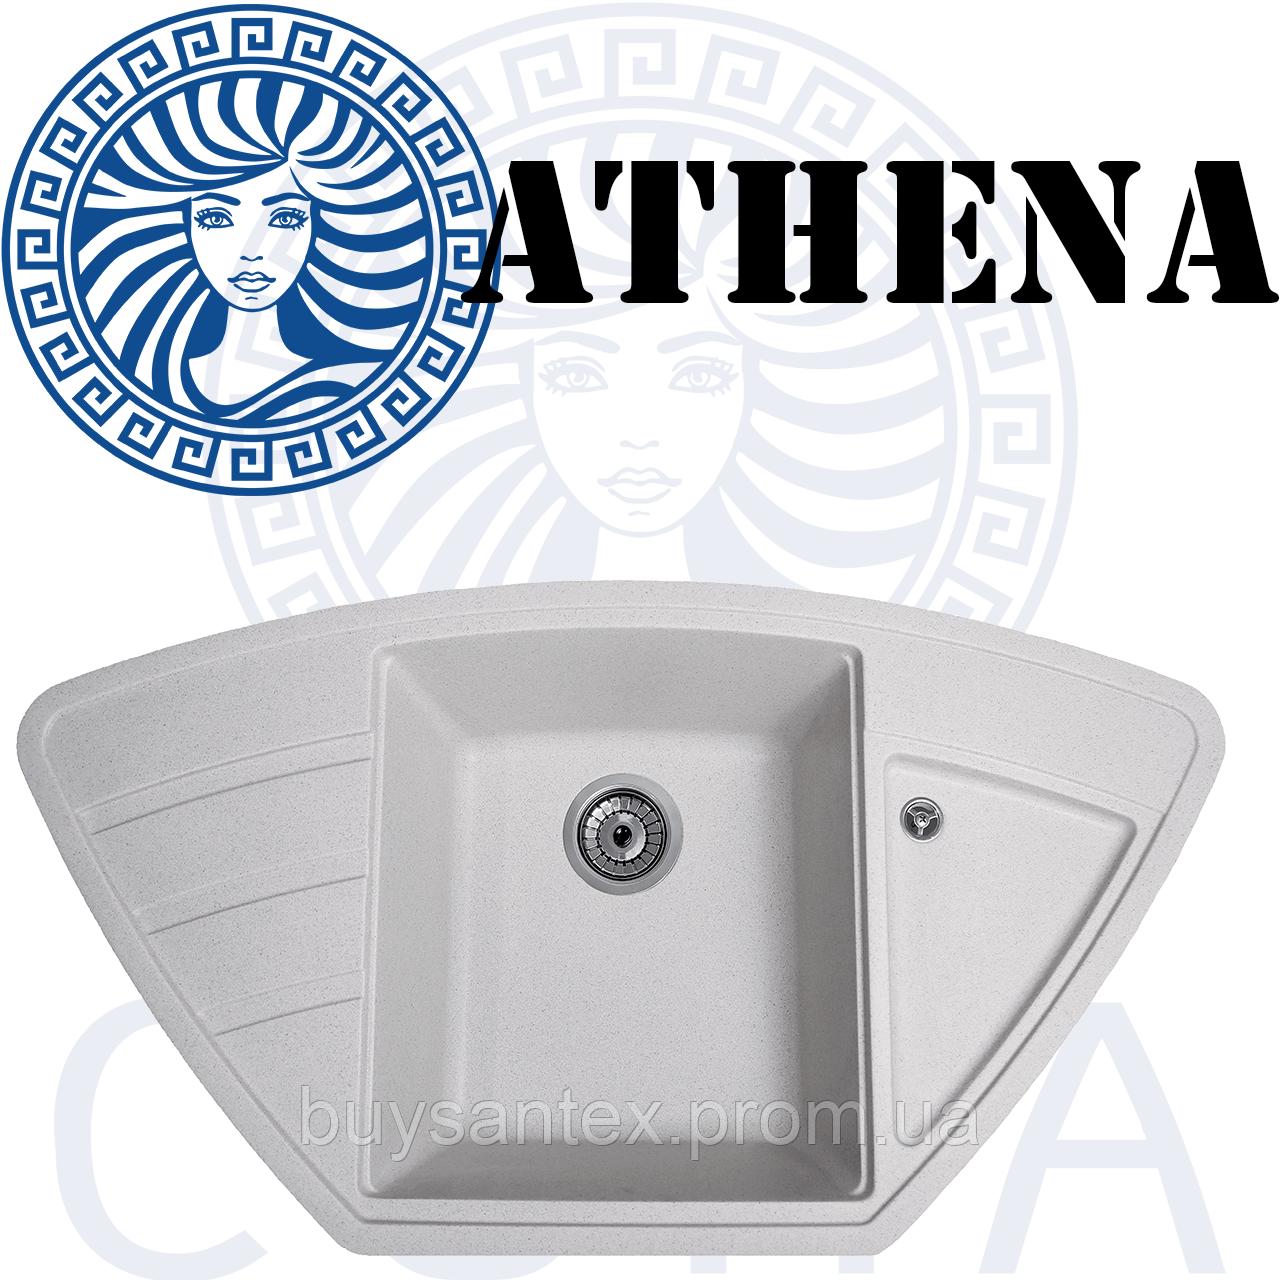 Кухонная мойка Cora - Athena Grey